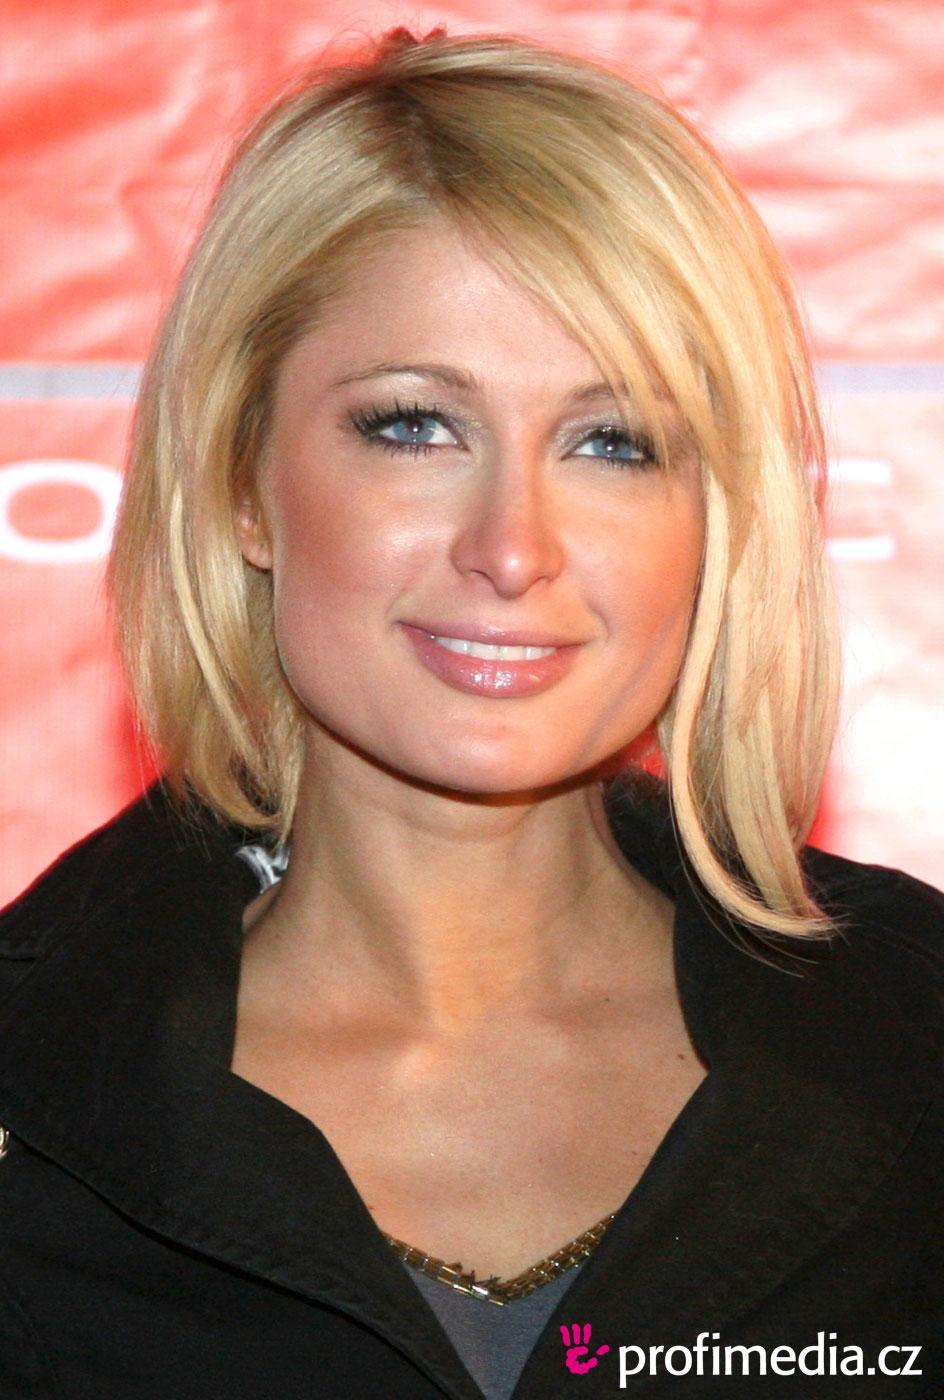 Paris Hilton Frisur Zum Ausprobieren In EFrisuren